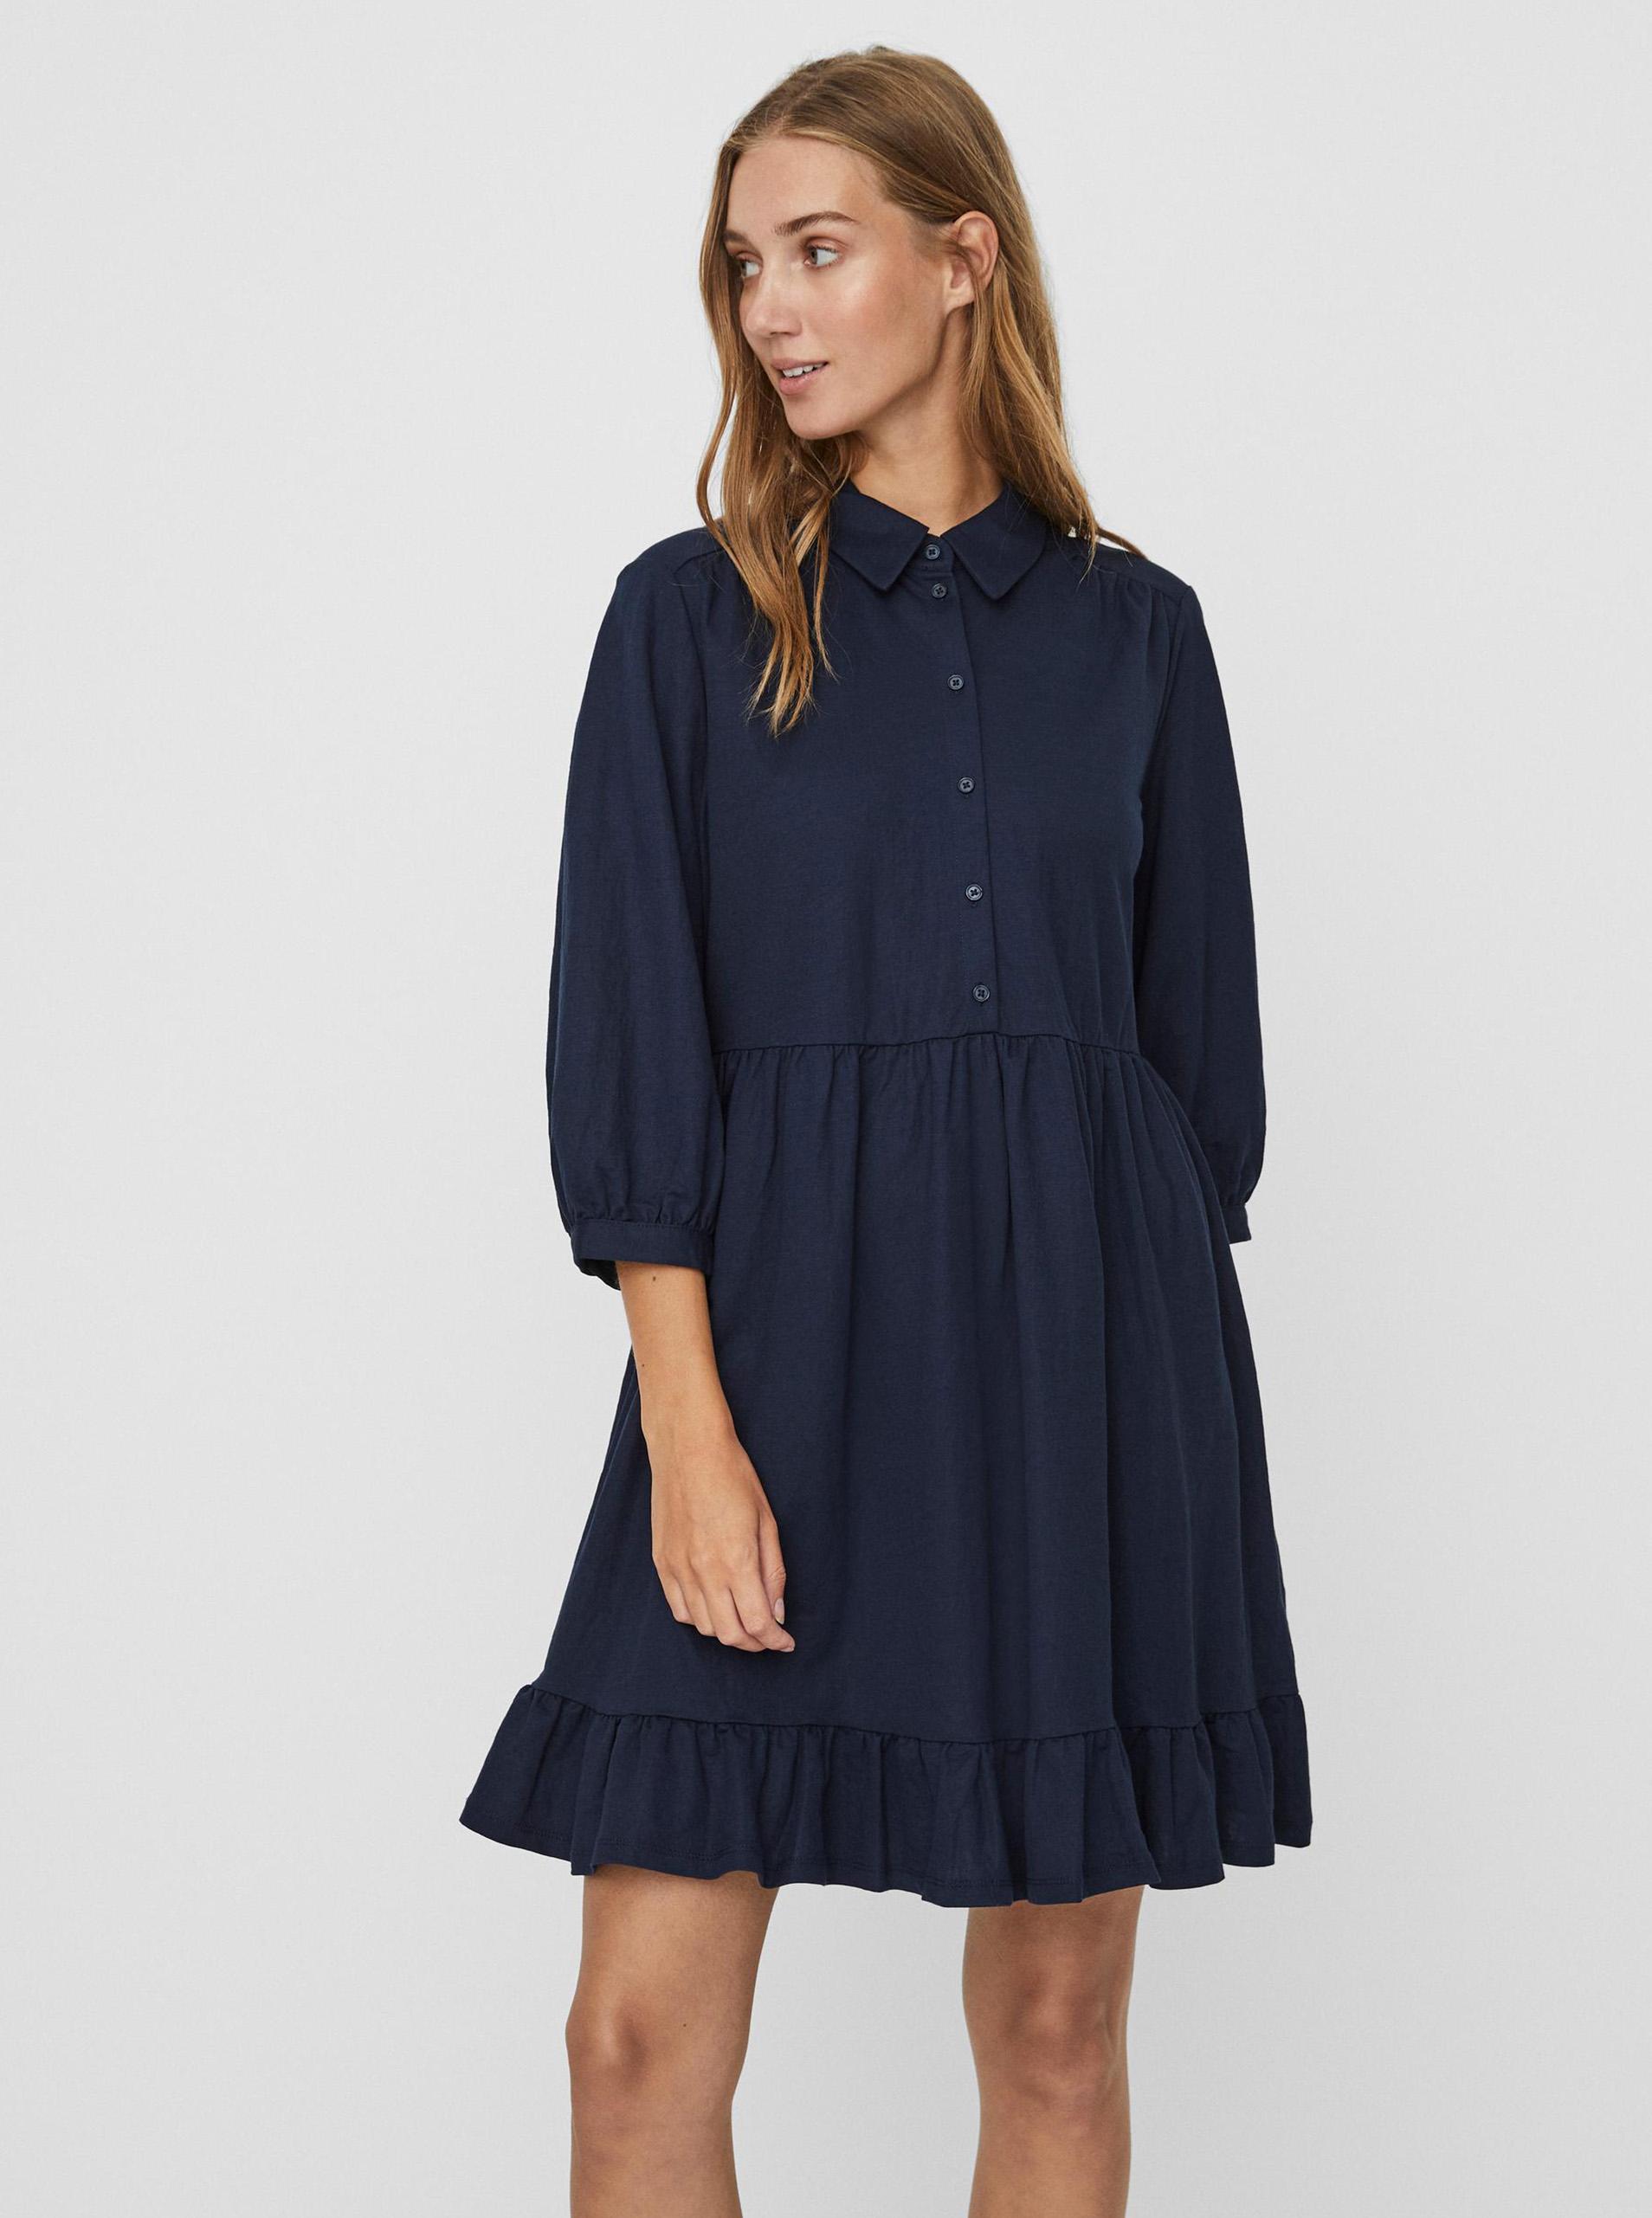 Vero Moda modré košeľové šaty Gaelle - XL